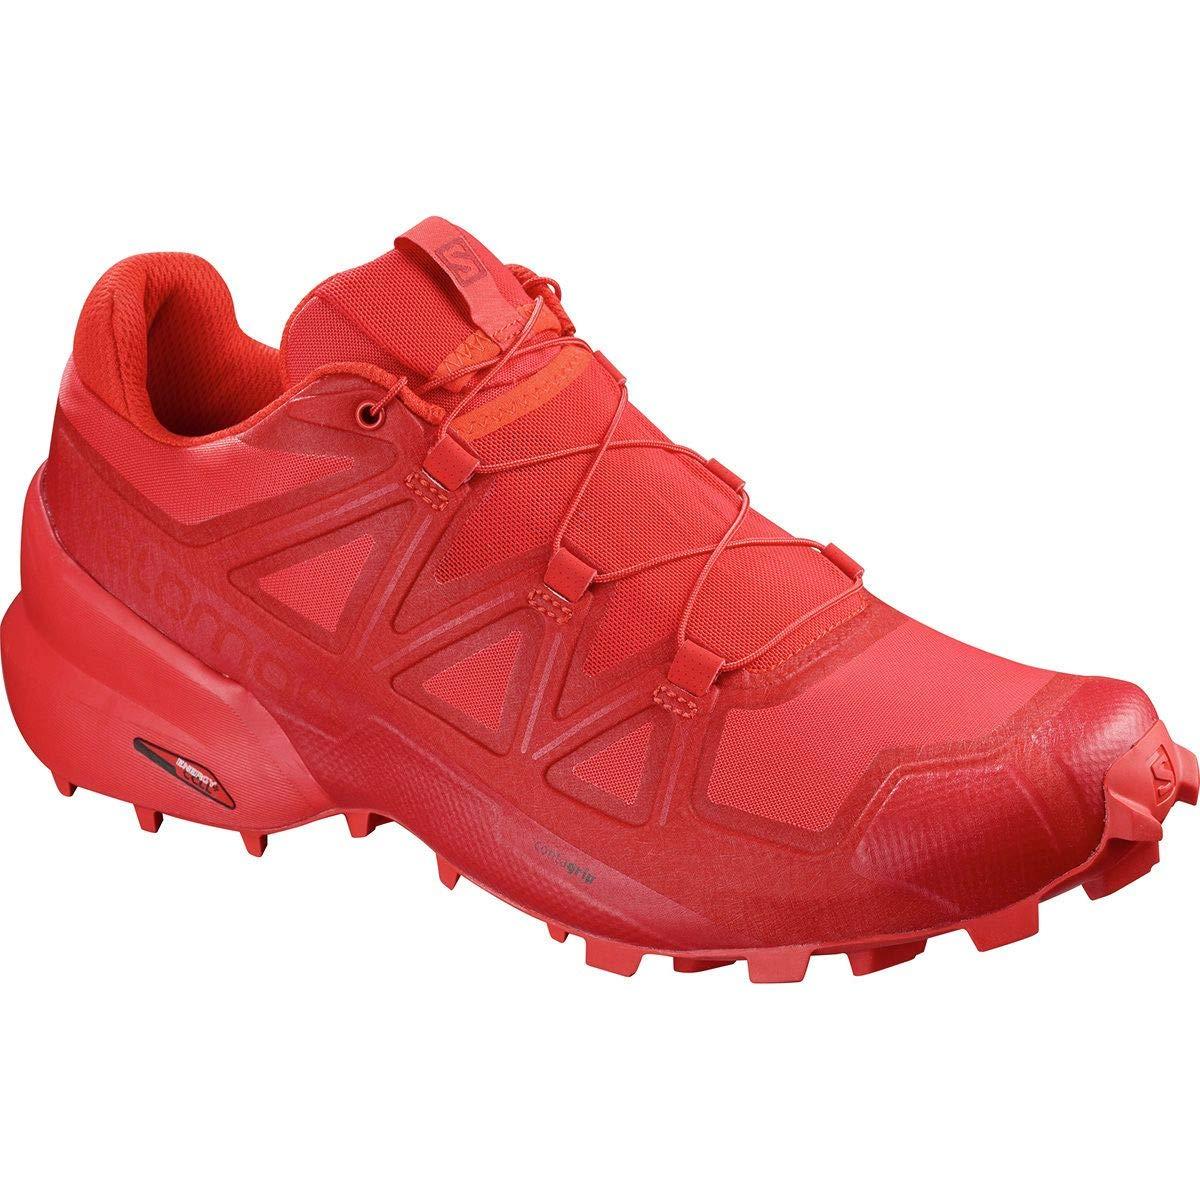 SALOMON Speedcross 5 5 5 Uomo Rosso - 406843 (44.2 3) a1aec6